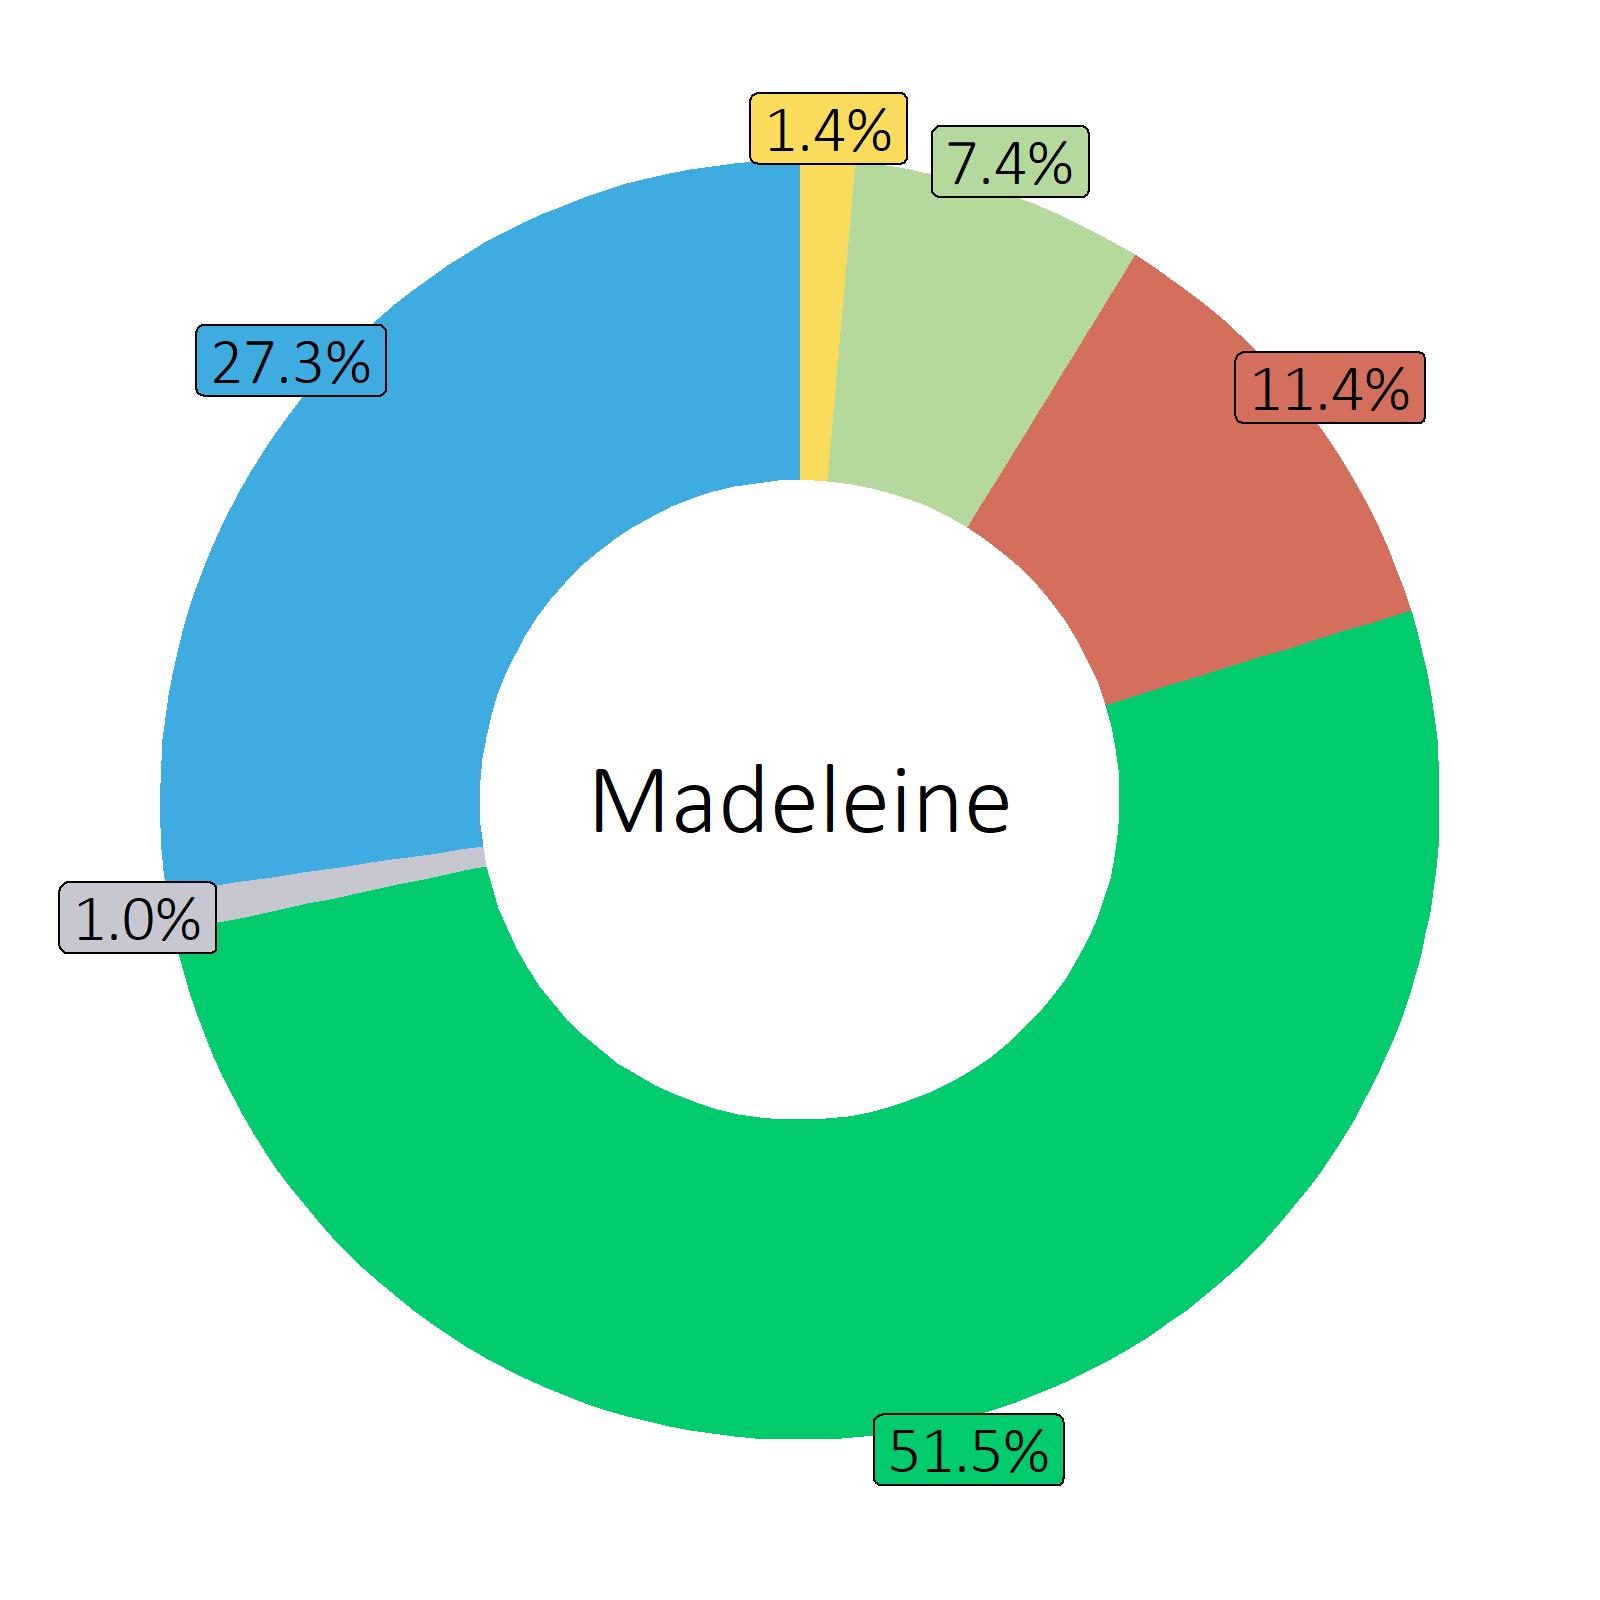 Bestandteile Madeleine